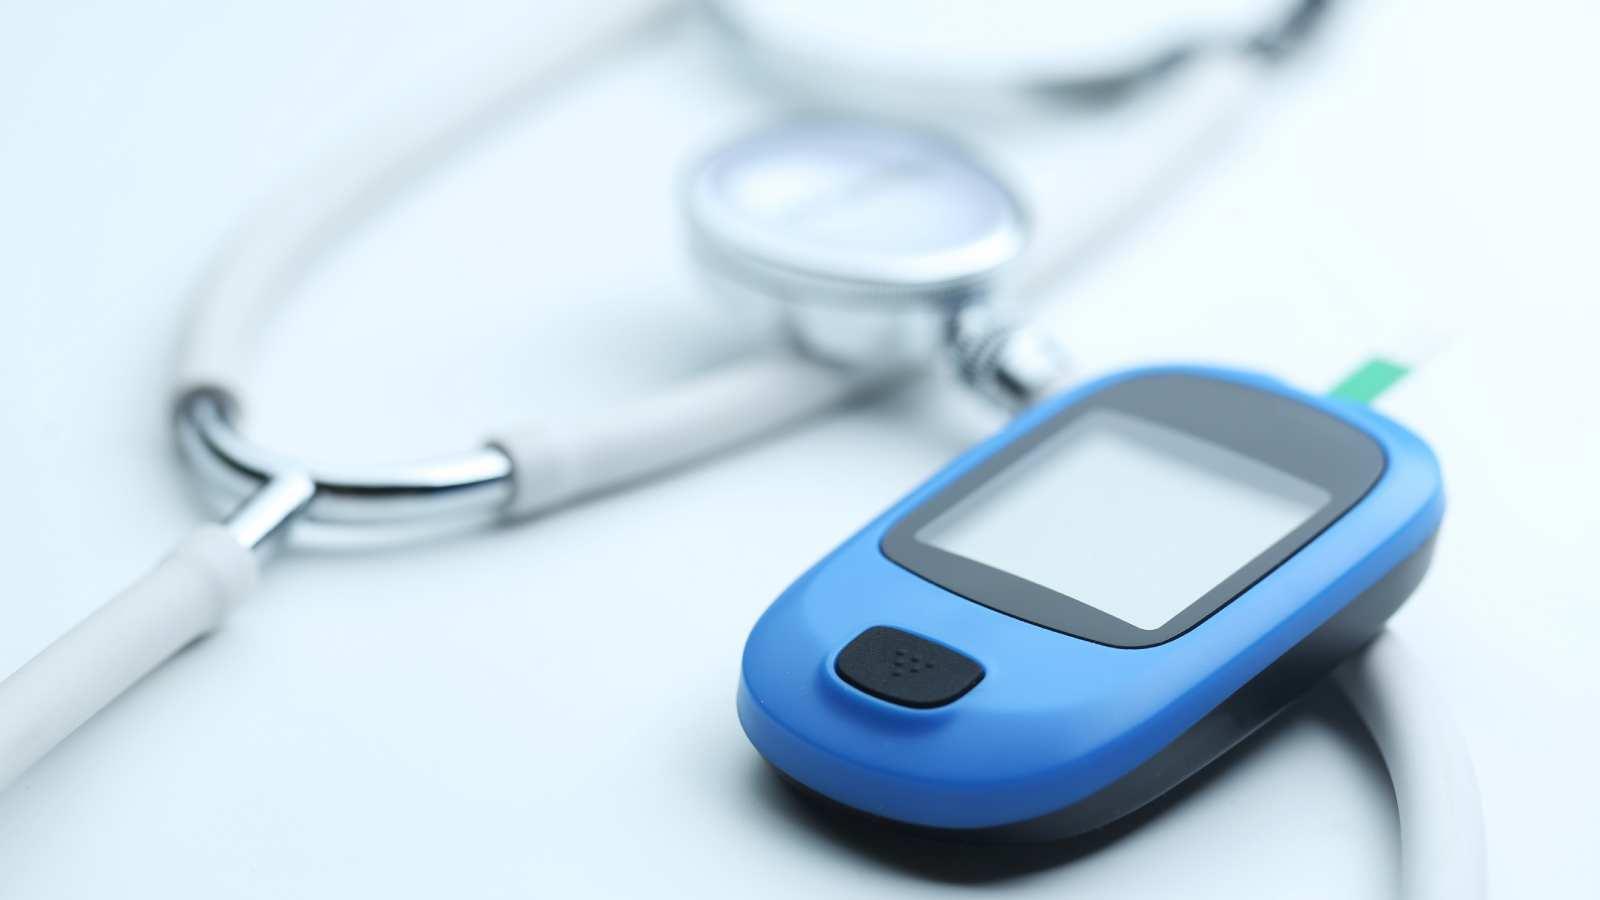 קנאביס רפואי לטיפול בסוכרת